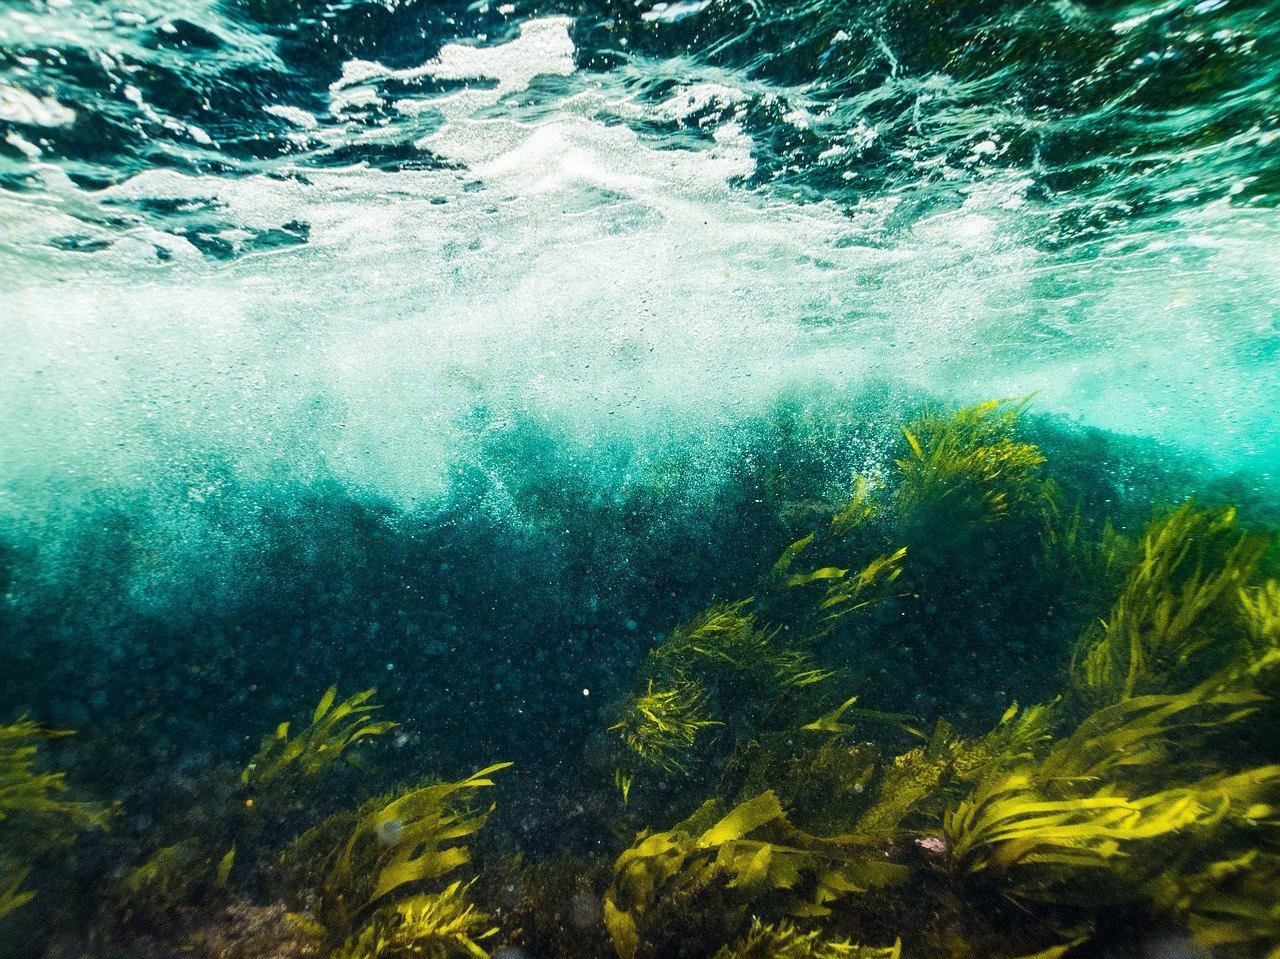 Морские травы Белого моря: в Зоологическом музее покажут заключительный фильм киновестиваля. Фото: pixabay.com